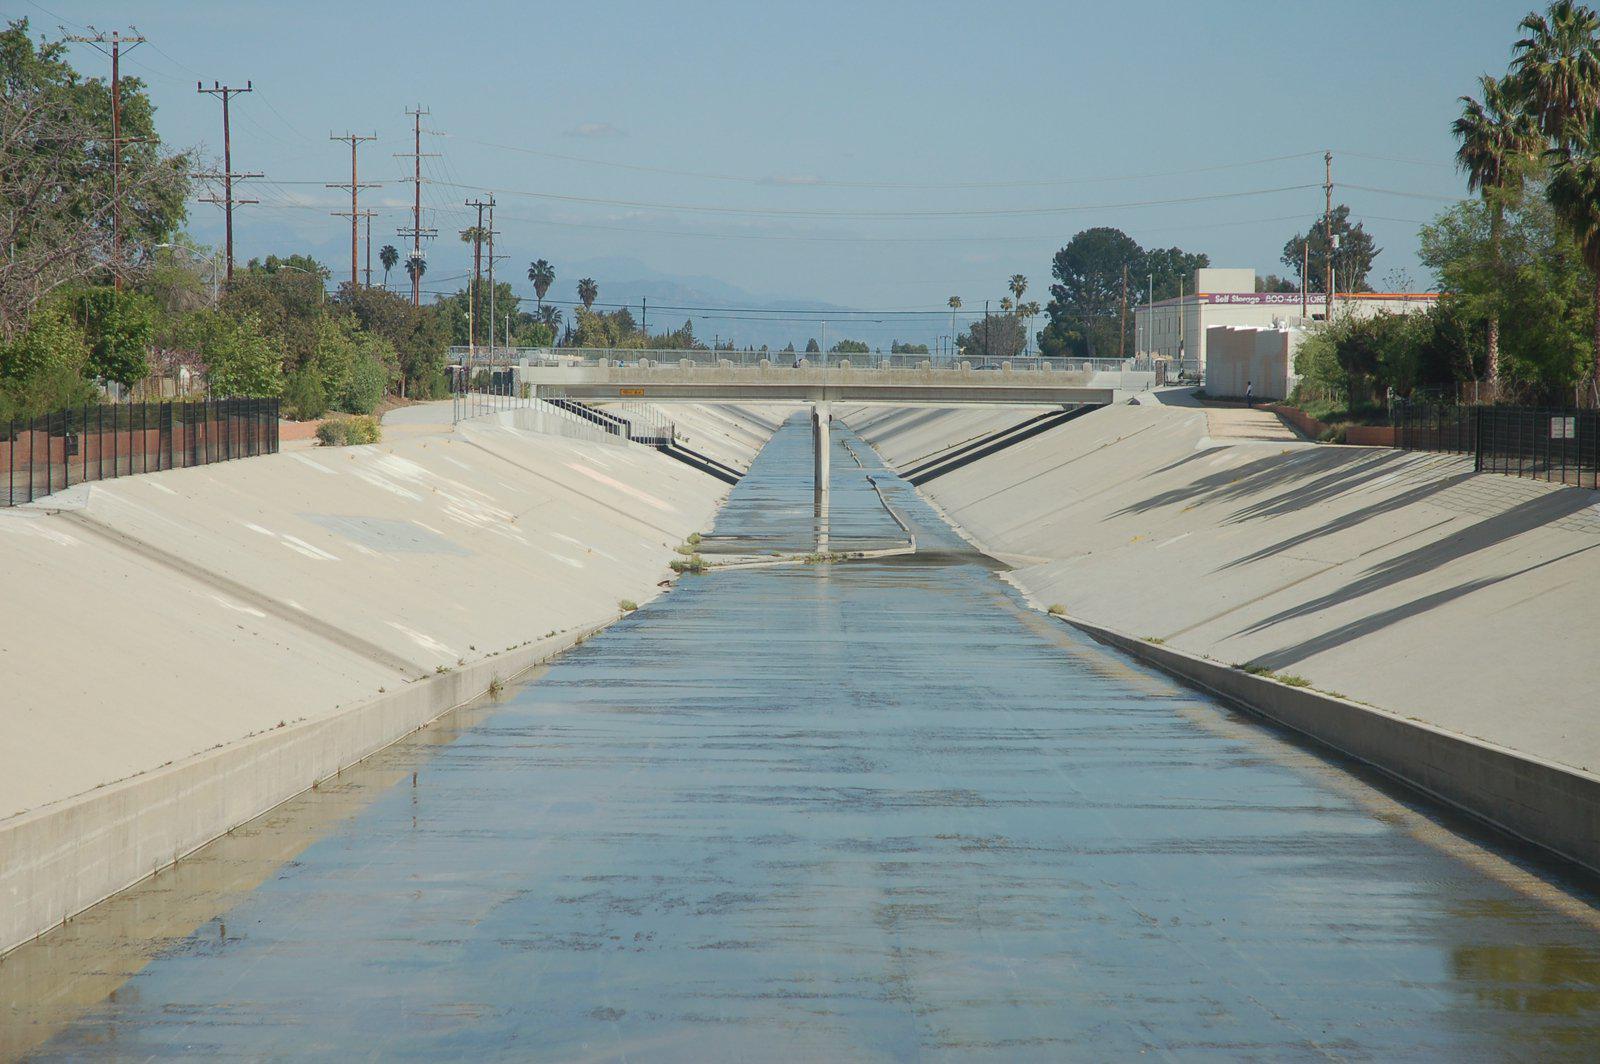 Los Angeles River. Photo by Vittoria Di Palma